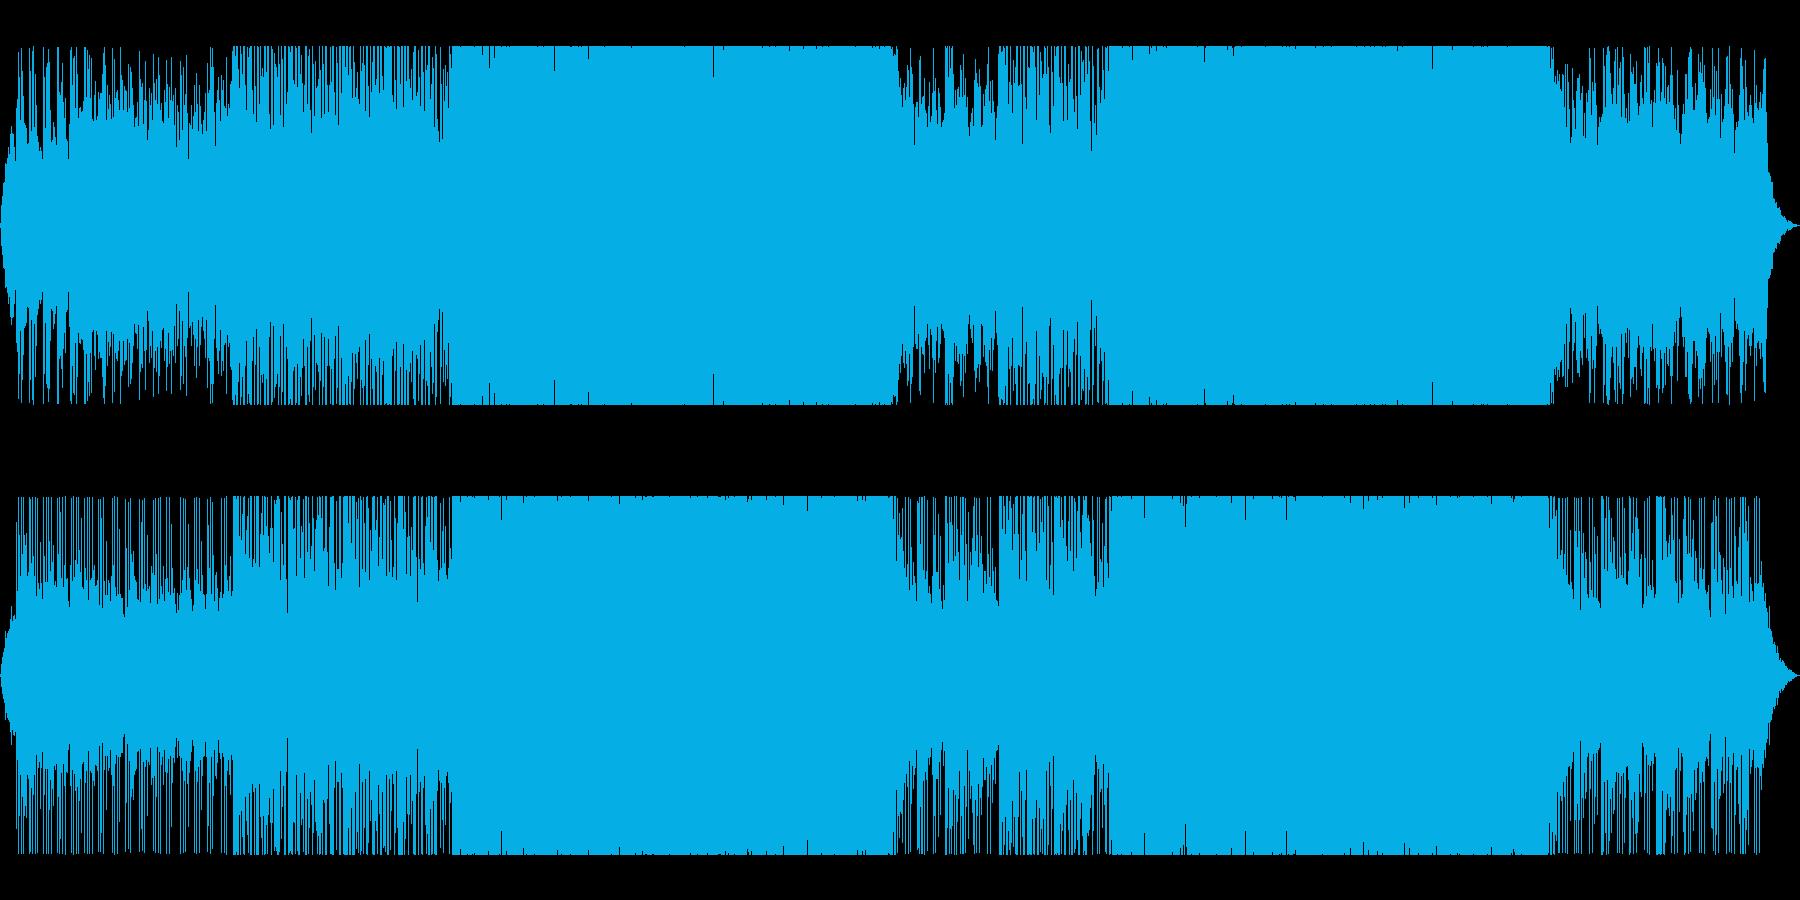 おしゃれ爽やかパワフルなデジタルポップ!の再生済みの波形